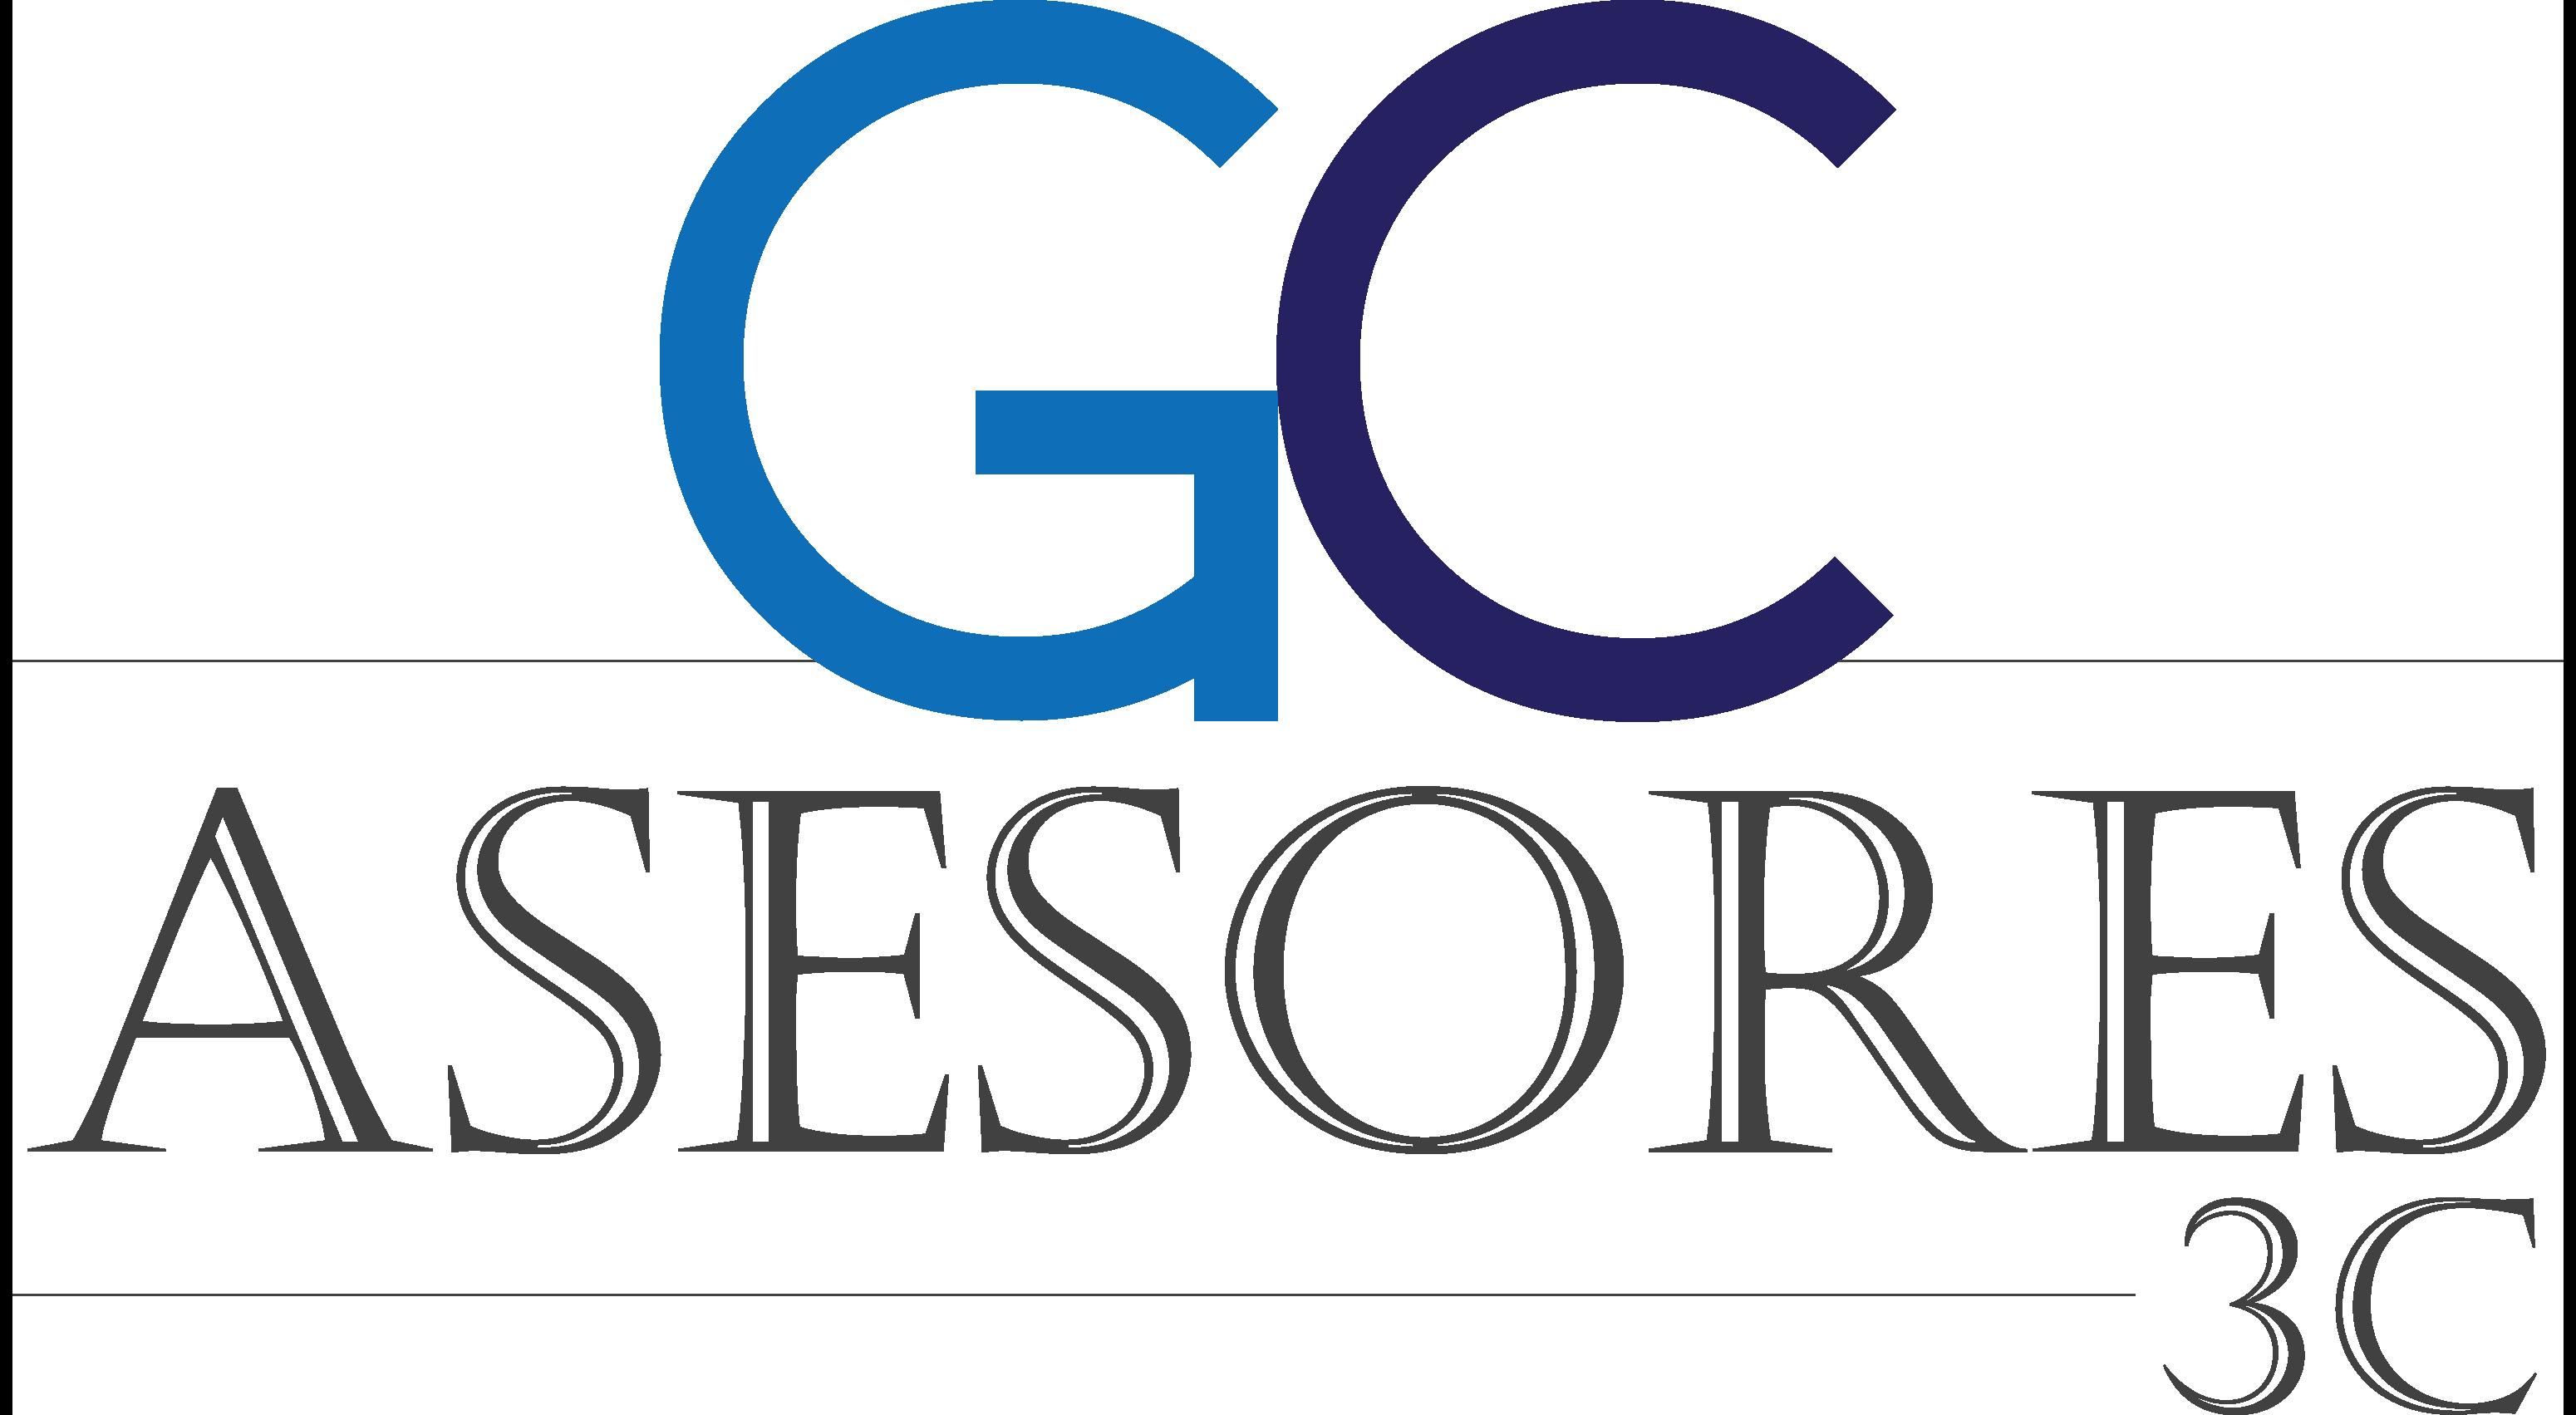 GC Asesores